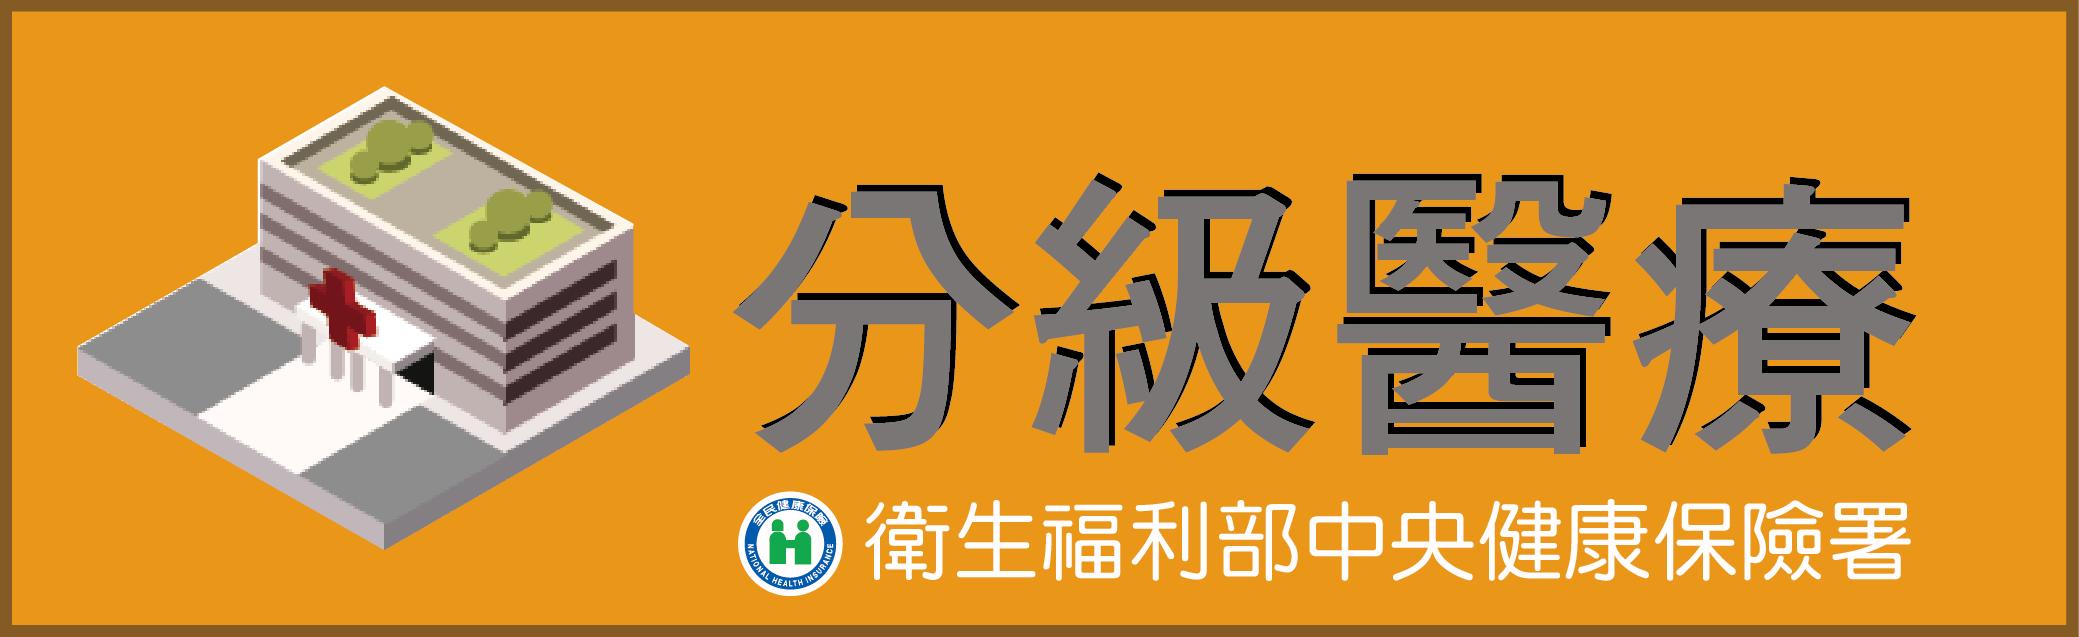 分級醫療政策專區